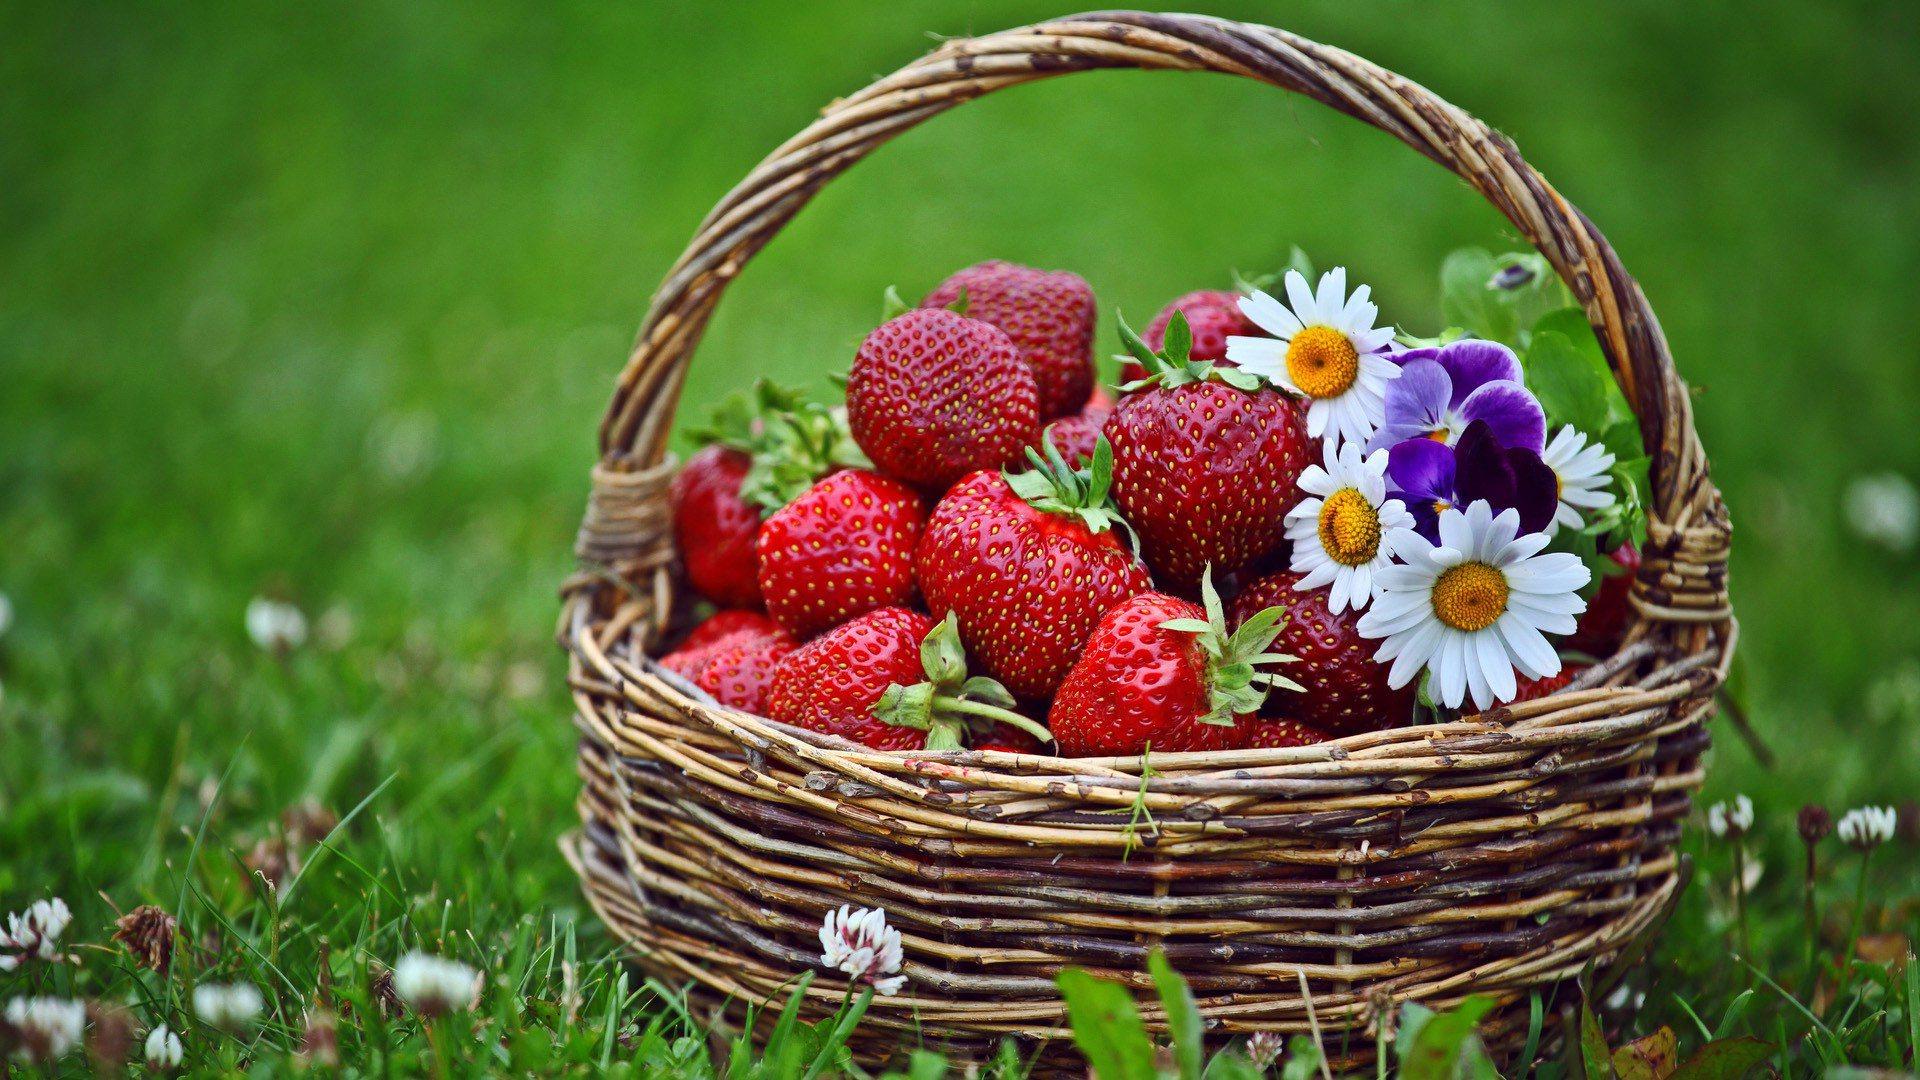 http://1.bp.blogspot.com/-4ihaheNho54/ULoDvPjWRJI/AAAAAAAANzI/Ia-mKNSuvH8/s1920/strawberry-in-basket-wallpaper.jpg